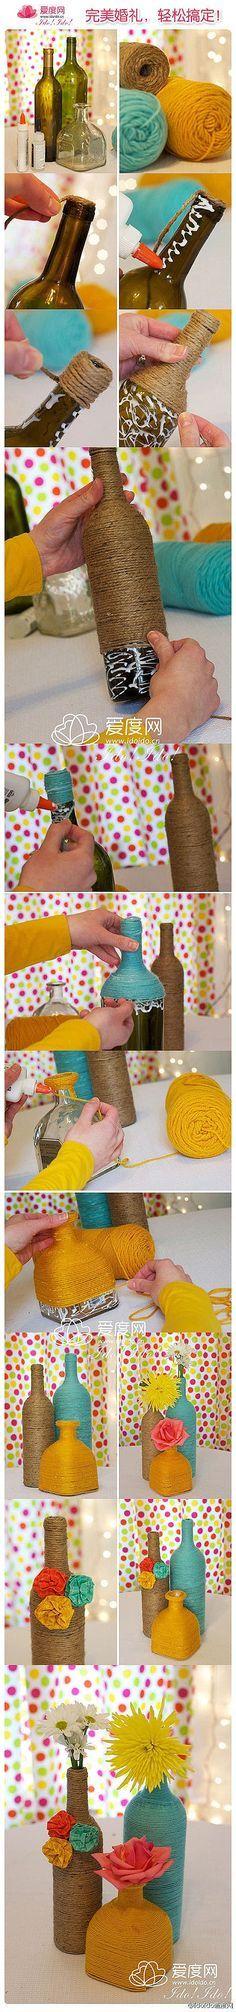 #DIY #mothers #day #crafts Como hacer jarrones con botellas y cuerda de embalaje #Jarrones hechos con #botellas de #cristal y #cuerda de #embalaje #reducir #reciclar #reutilizar vía @Irene Bickhardt